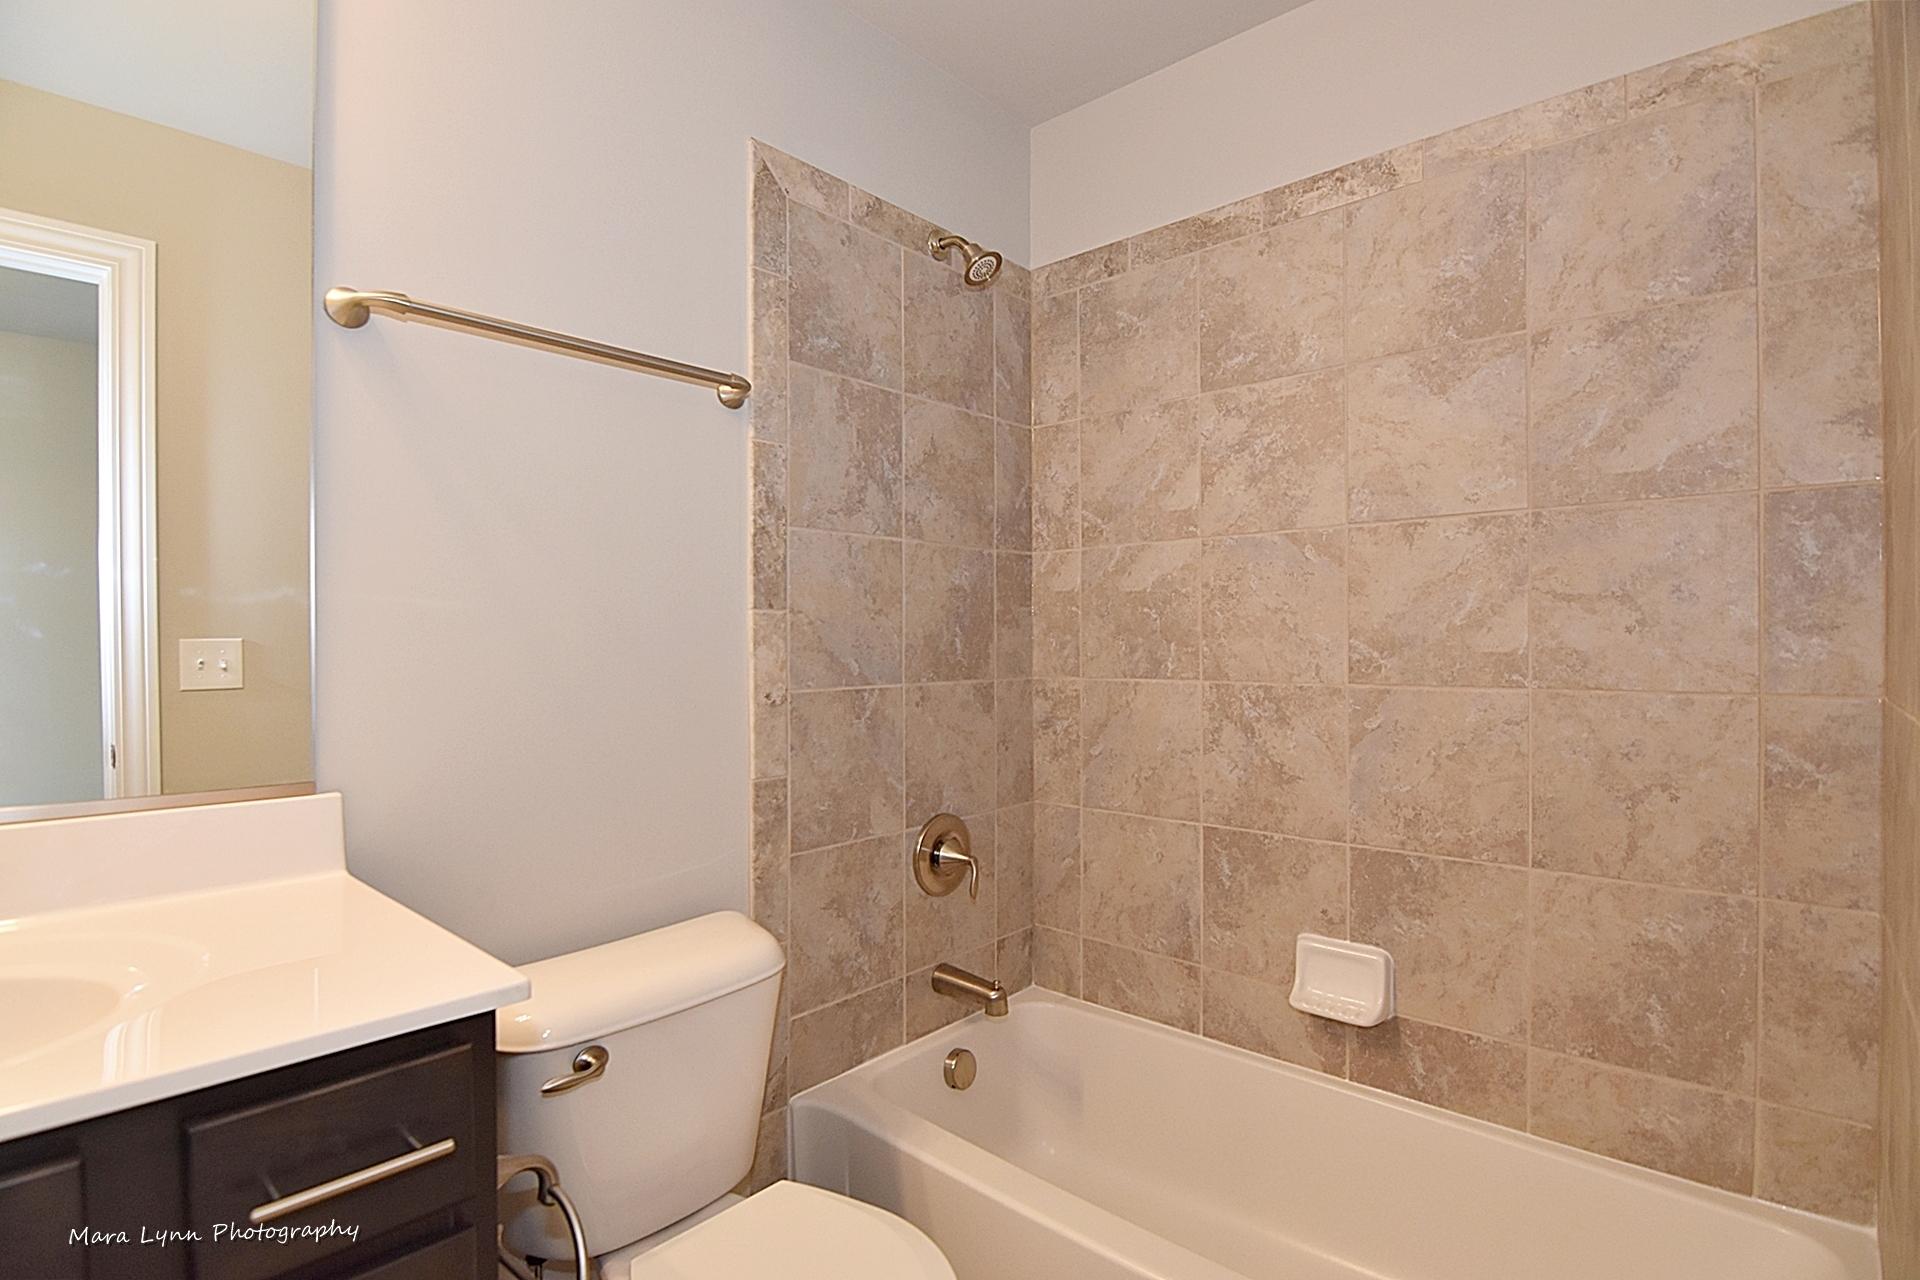 Norton Lake Donovan Bathroom